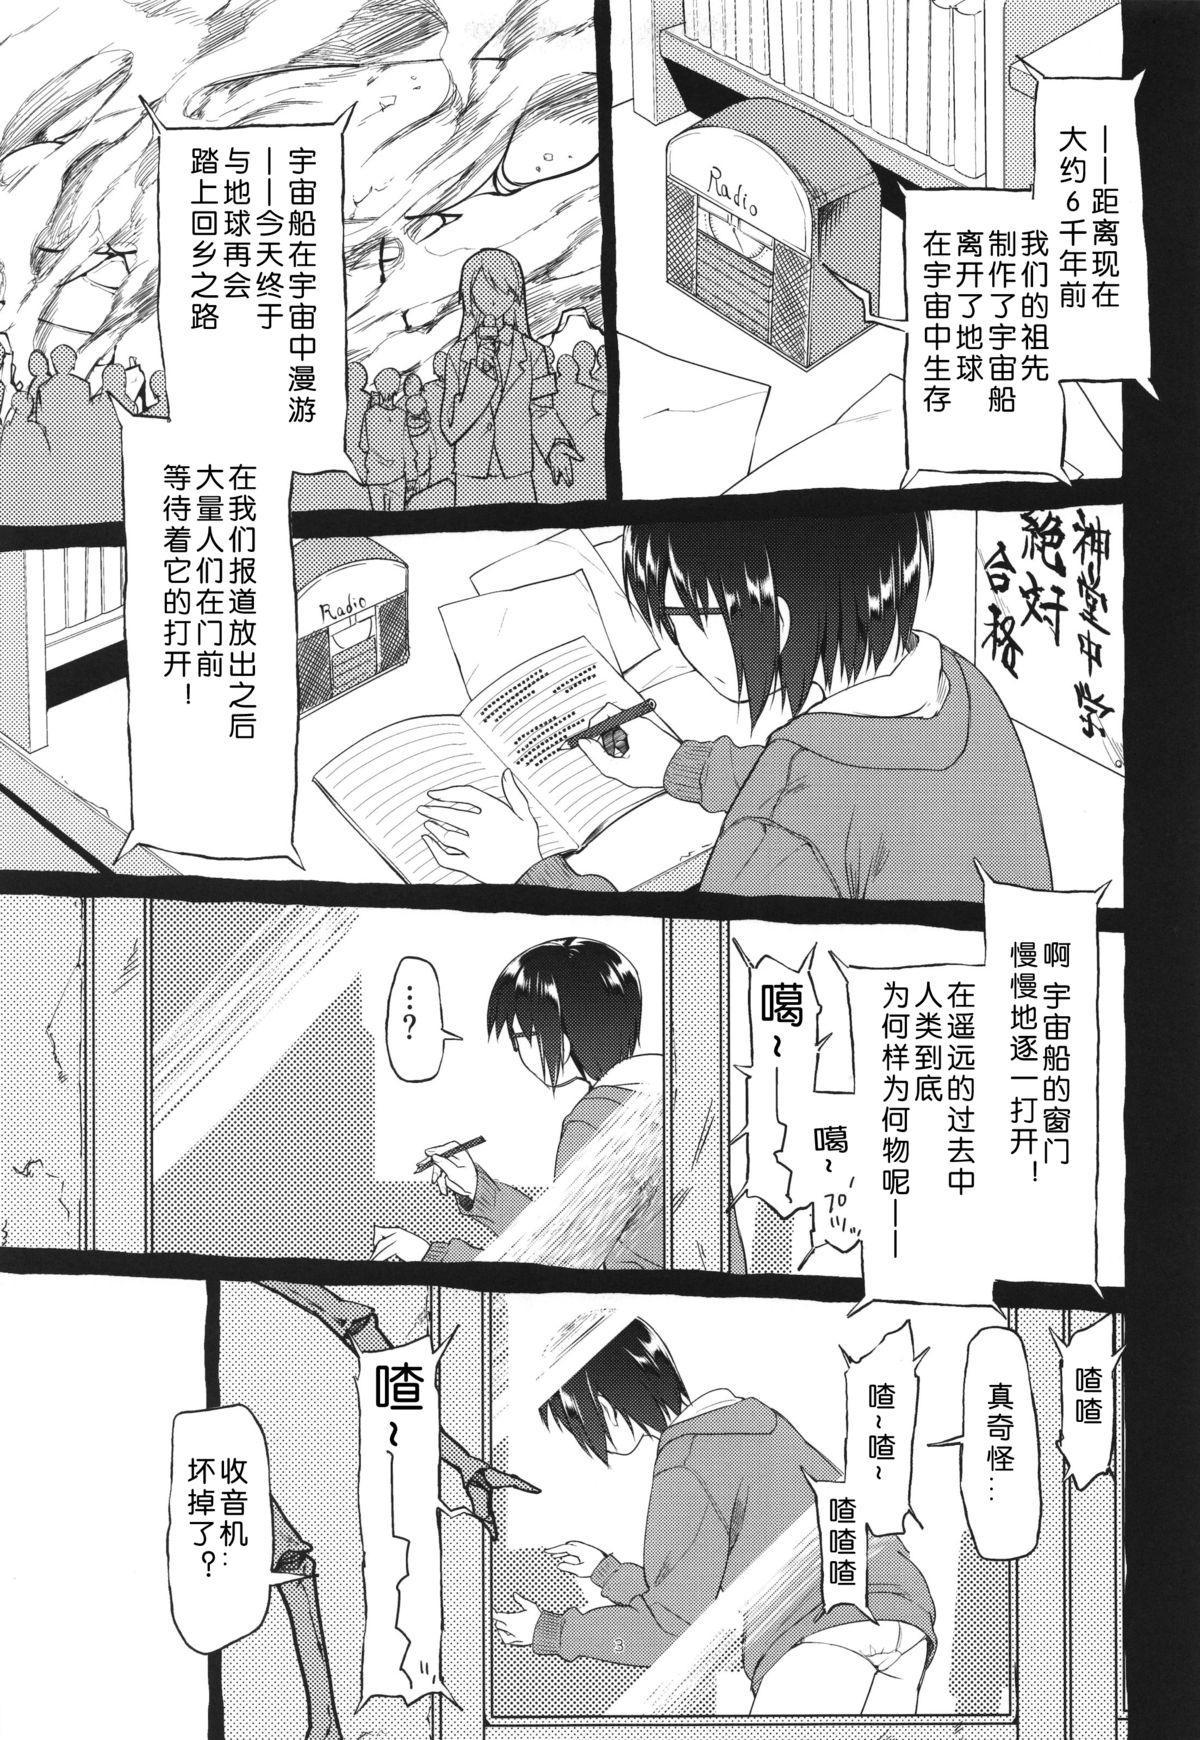 Uchuujin no Fuyu 4